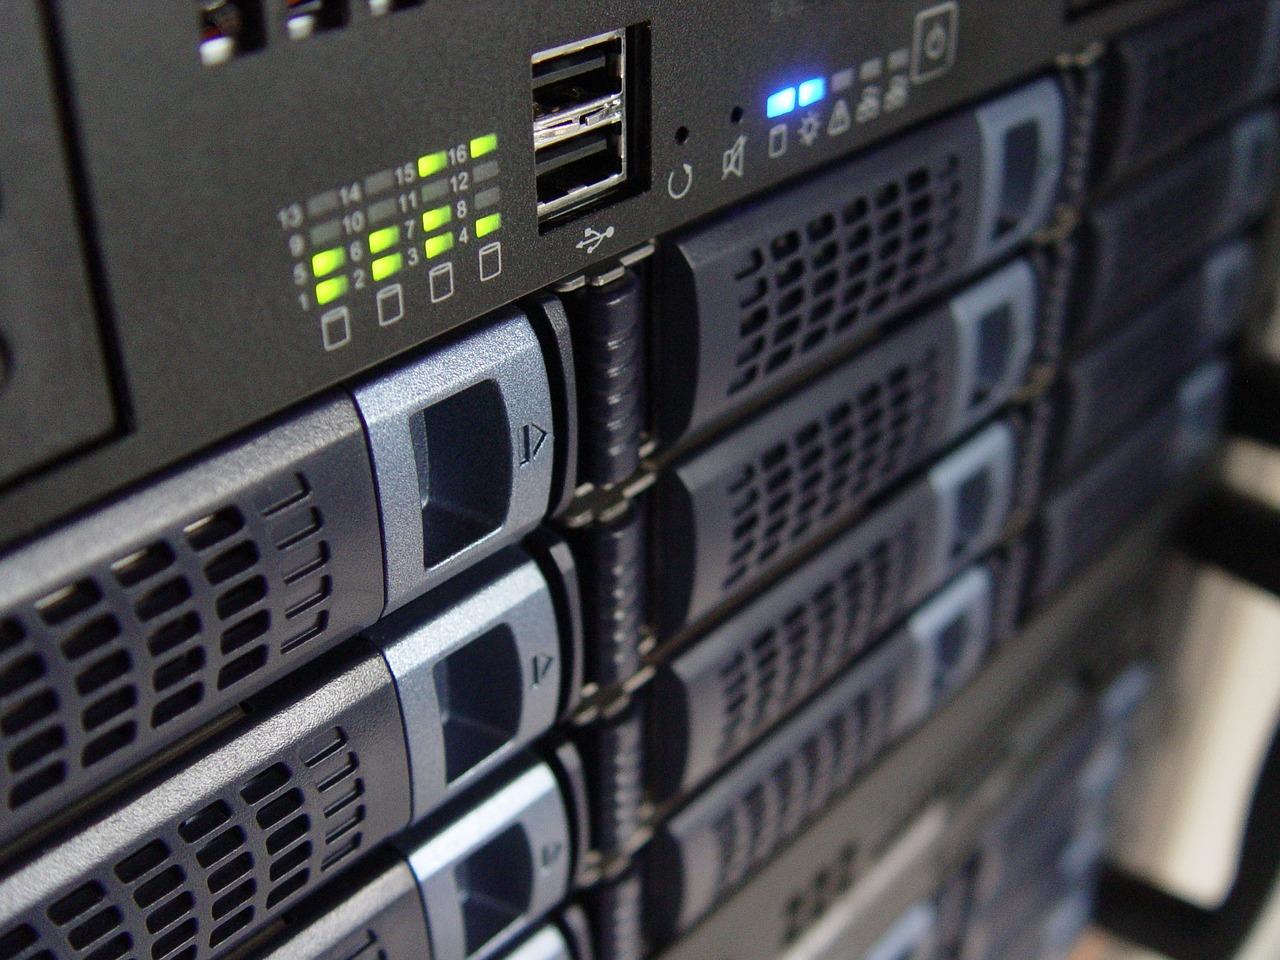 cosa devi sapere prima di acquistare un hosting? - server 1533132785 - Cosa devi sapere prima di acquistare un Hosting?